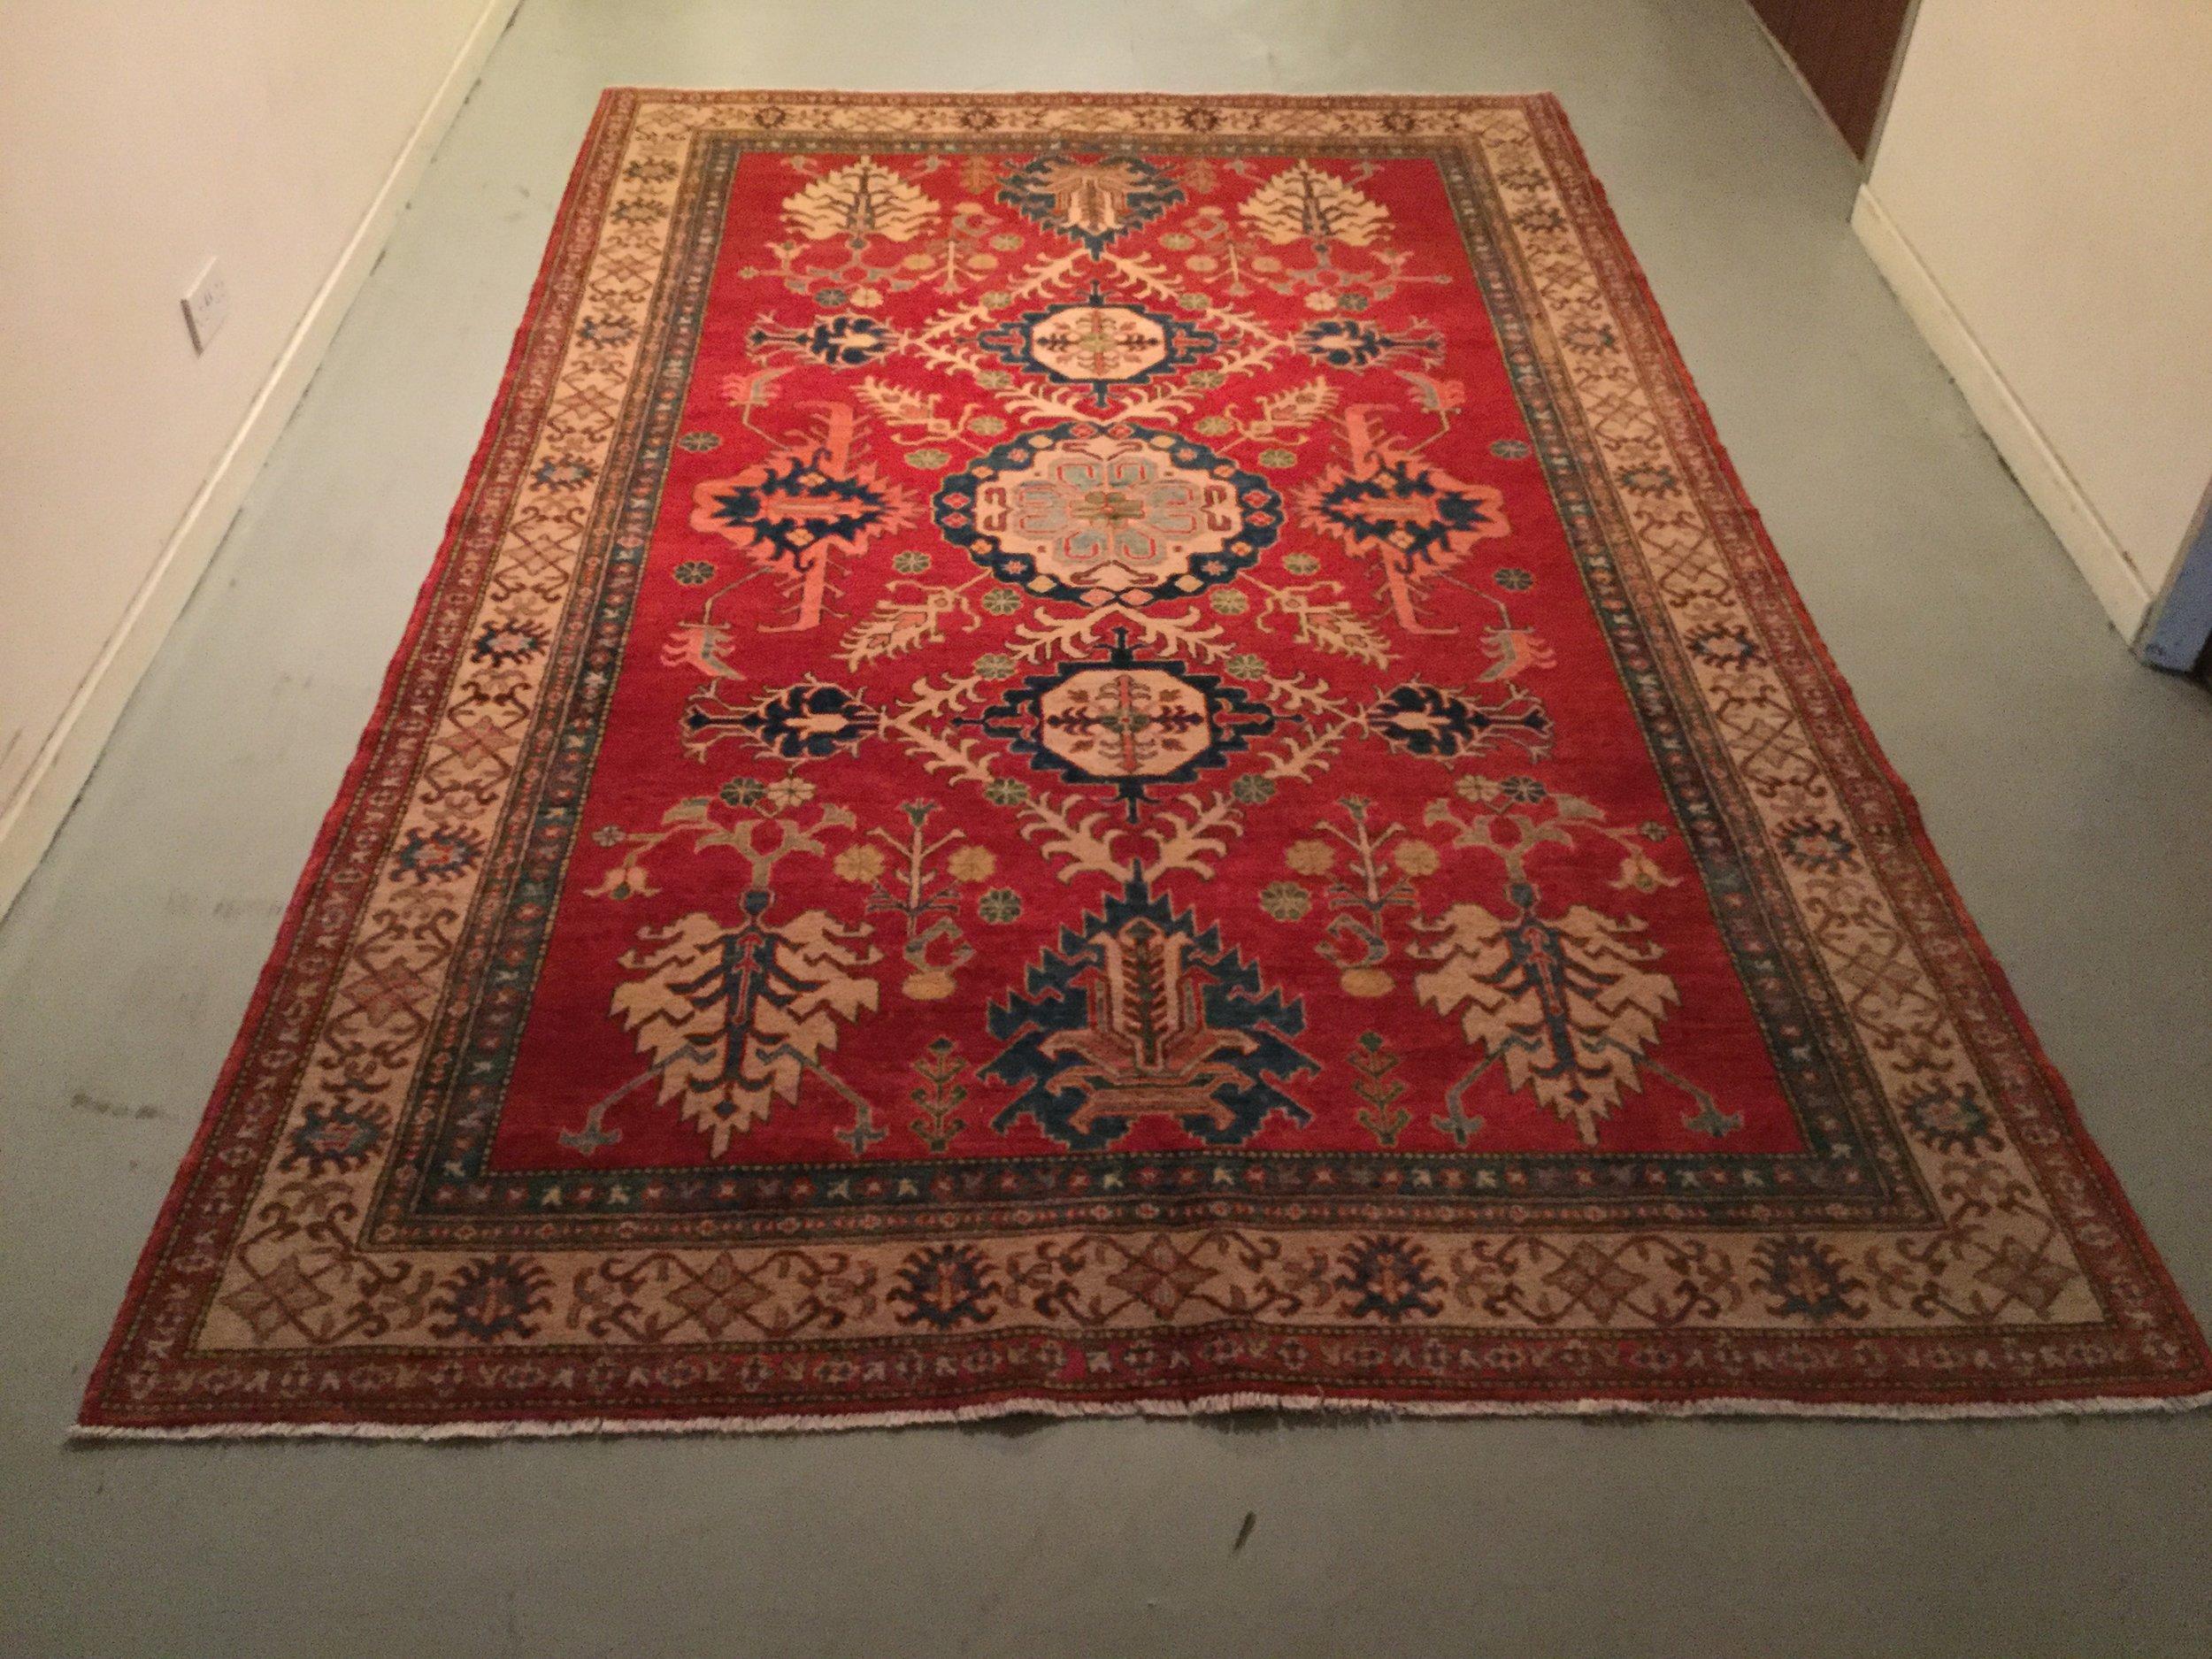 Afghan Kazak - Circa 2000's    Size Measurements: 247cm x 189cm